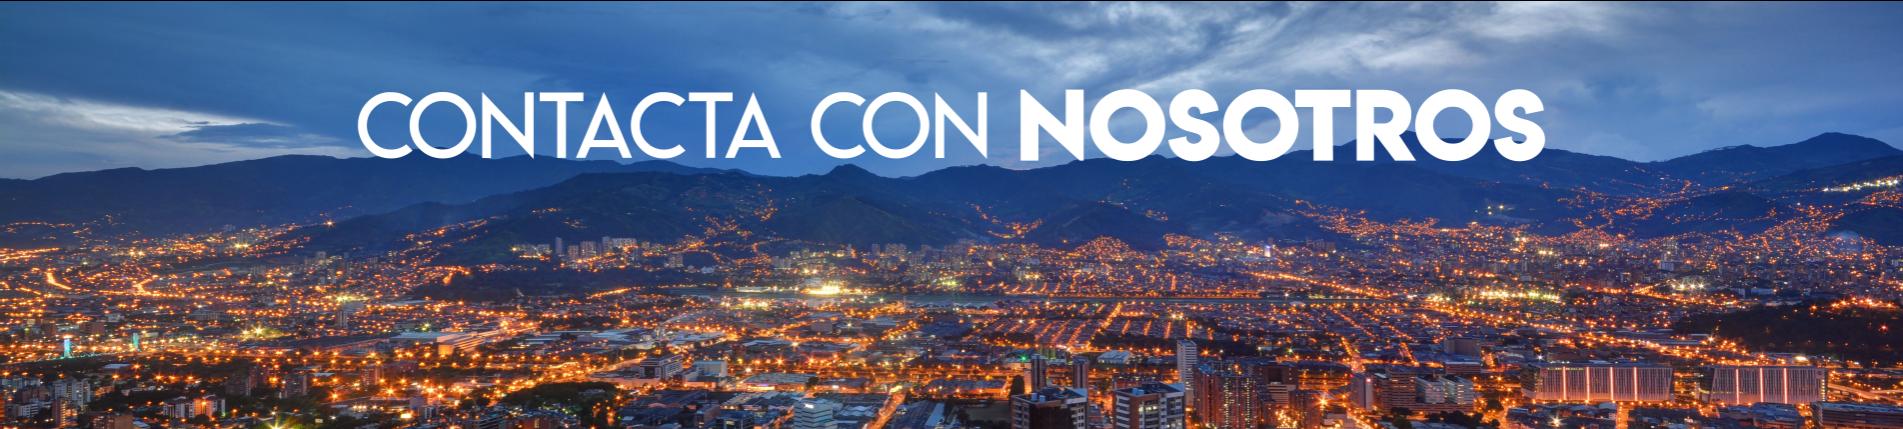 CONTACTA CON NOSOTROS 2020